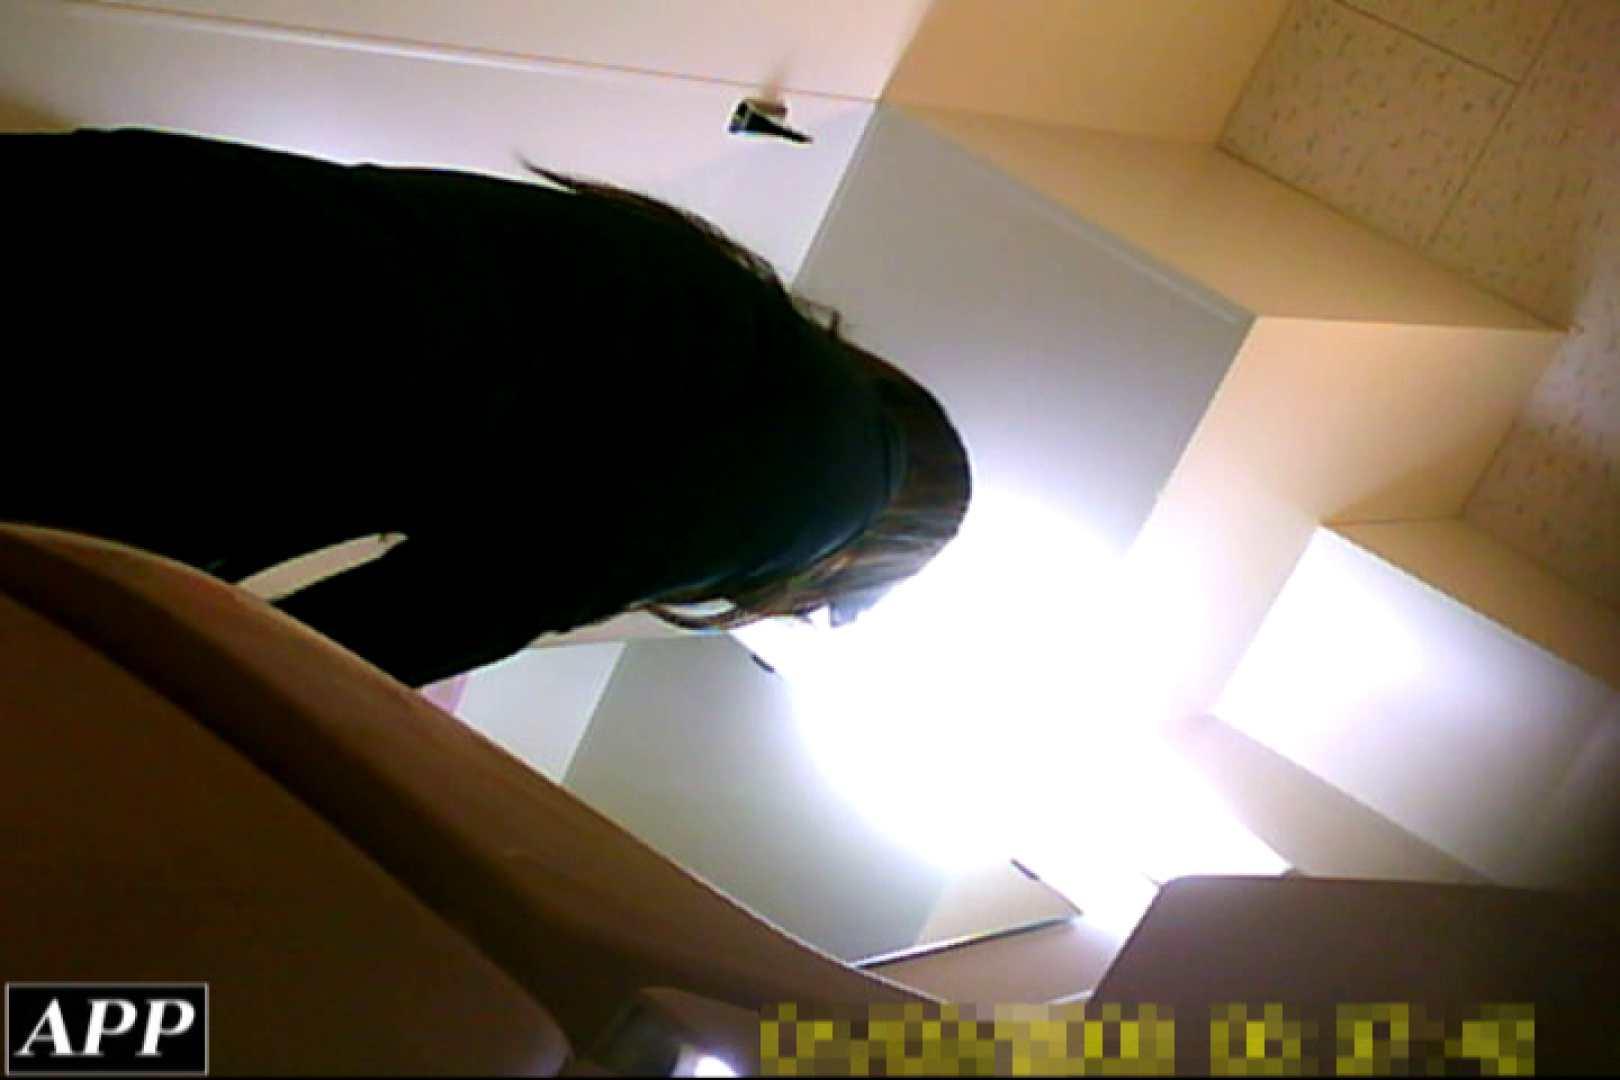 3視点洗面所 vol.121 洗面所のぞき オメコ動画キャプチャ 89枚 10